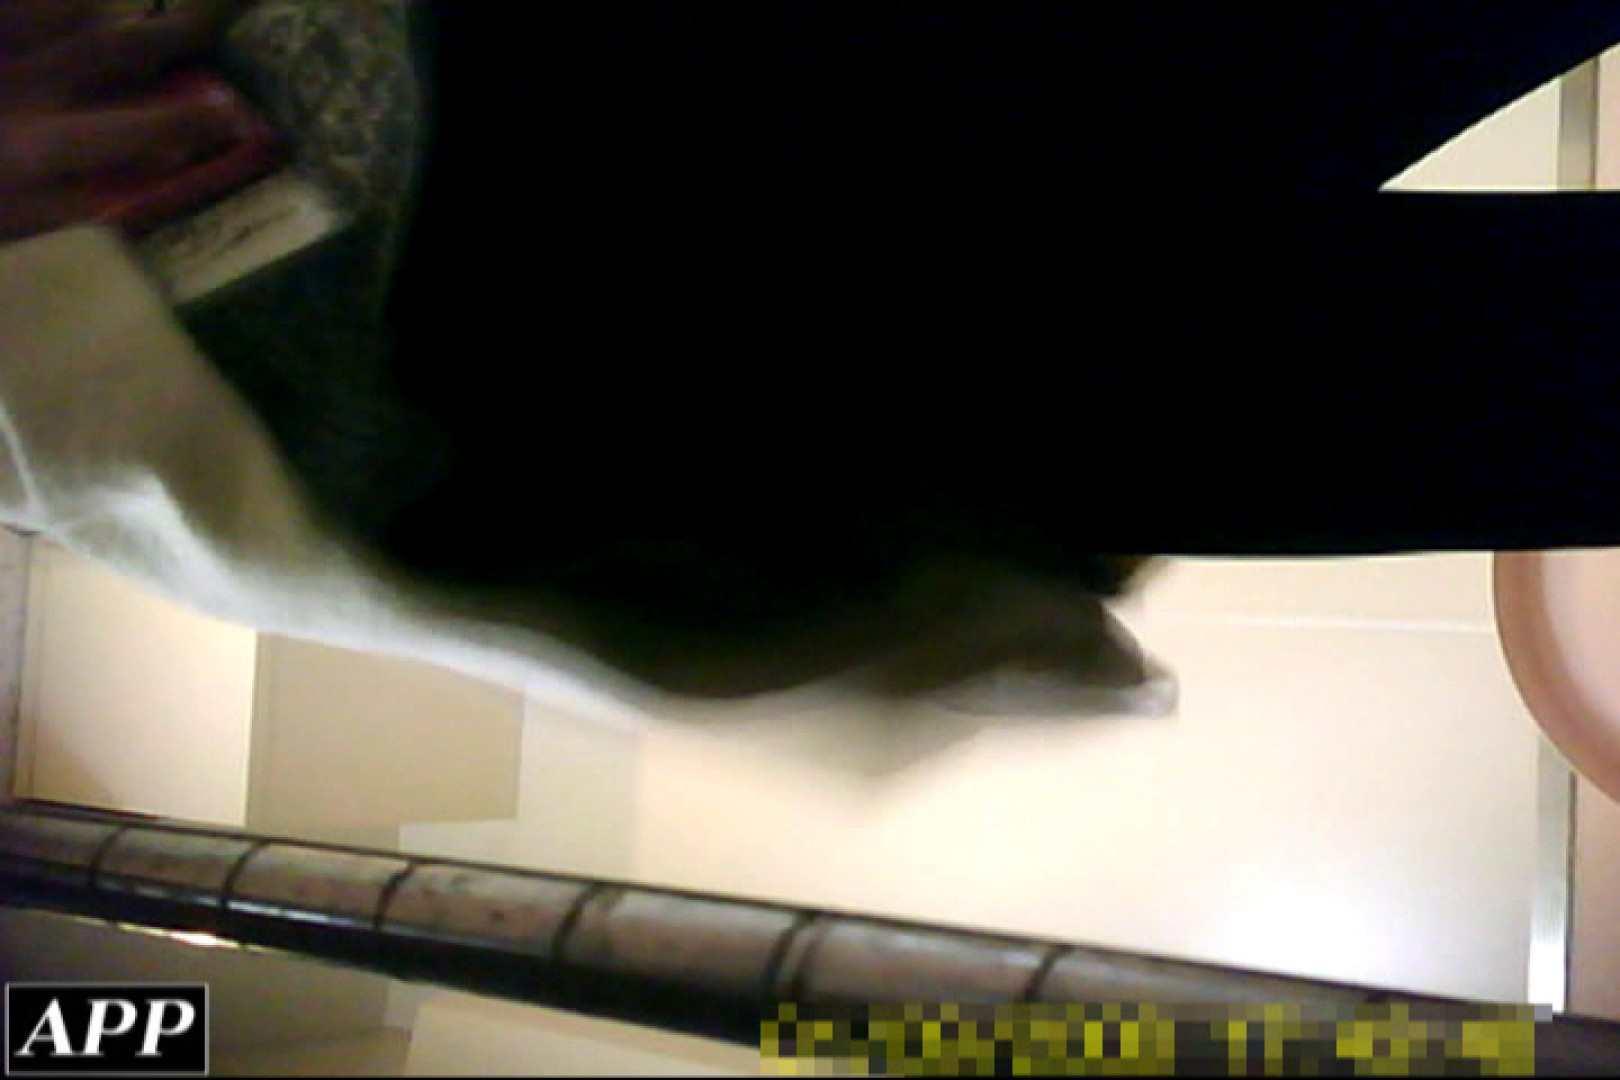 3視点洗面所 vol.037 エロティックなOL  104画像 26